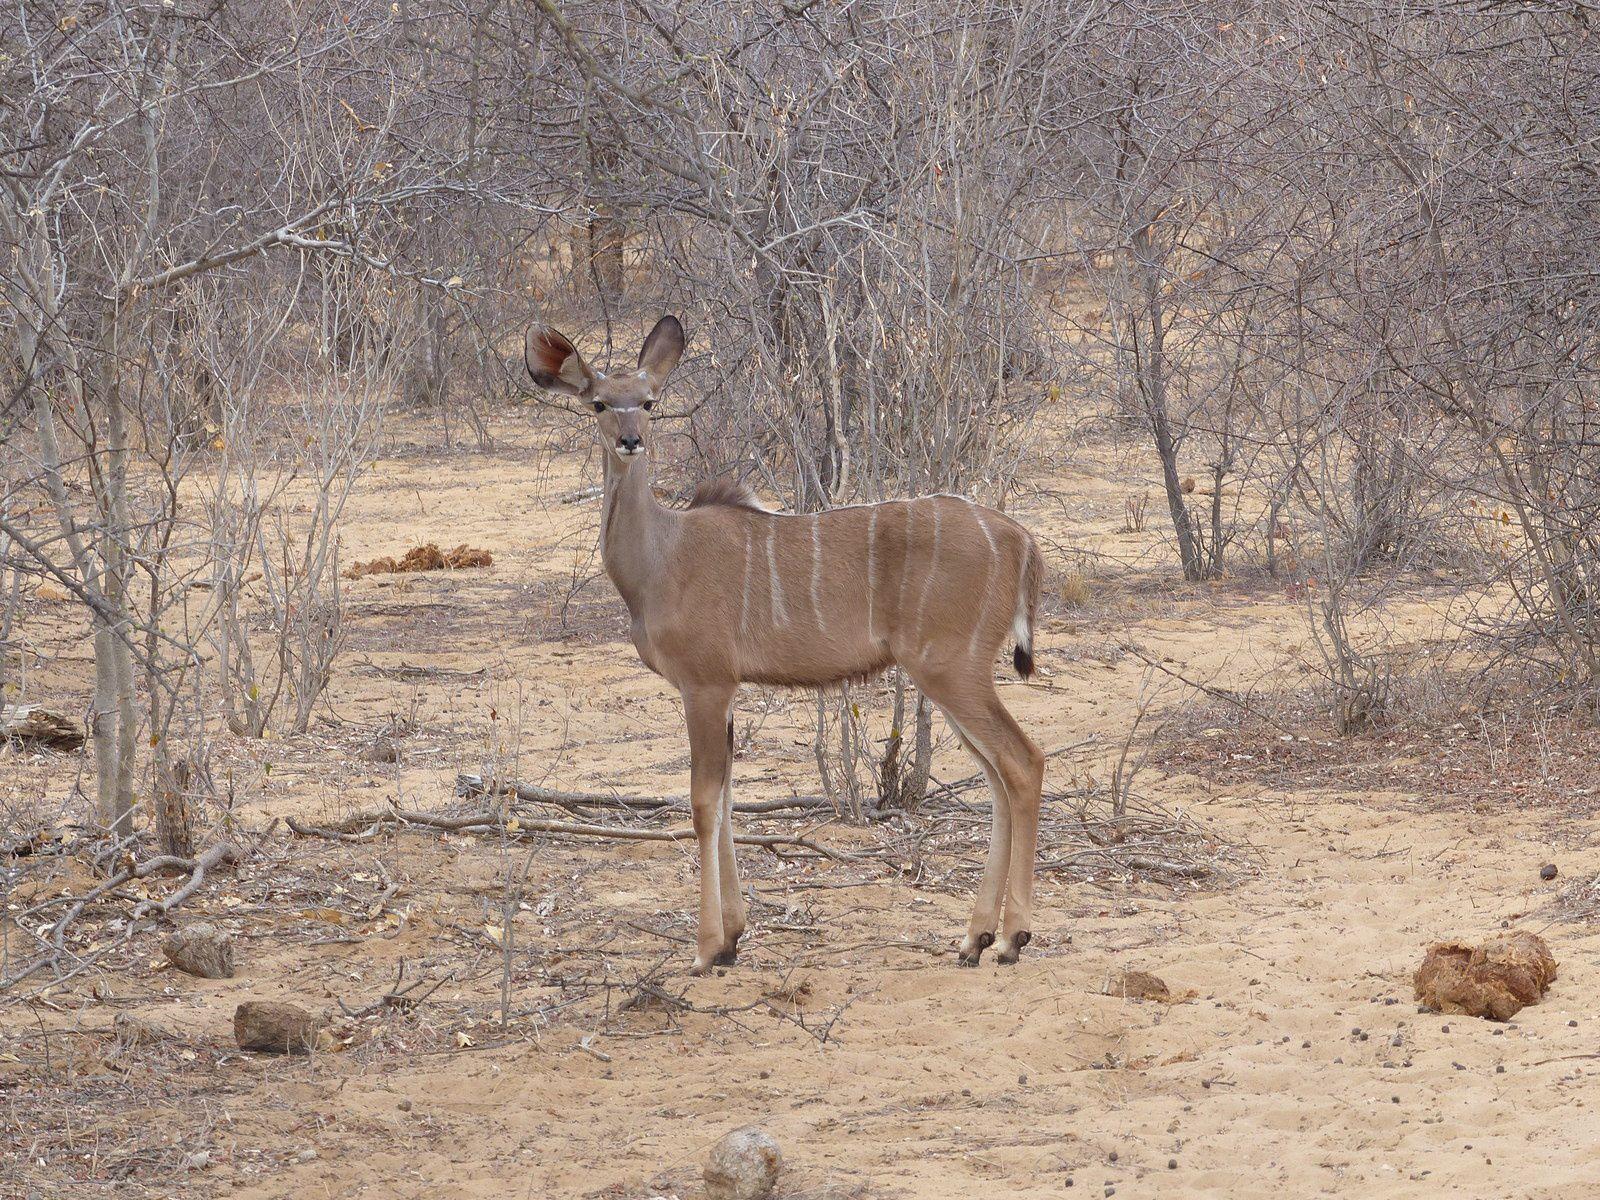 Impala, pintades de Numibie et gnou